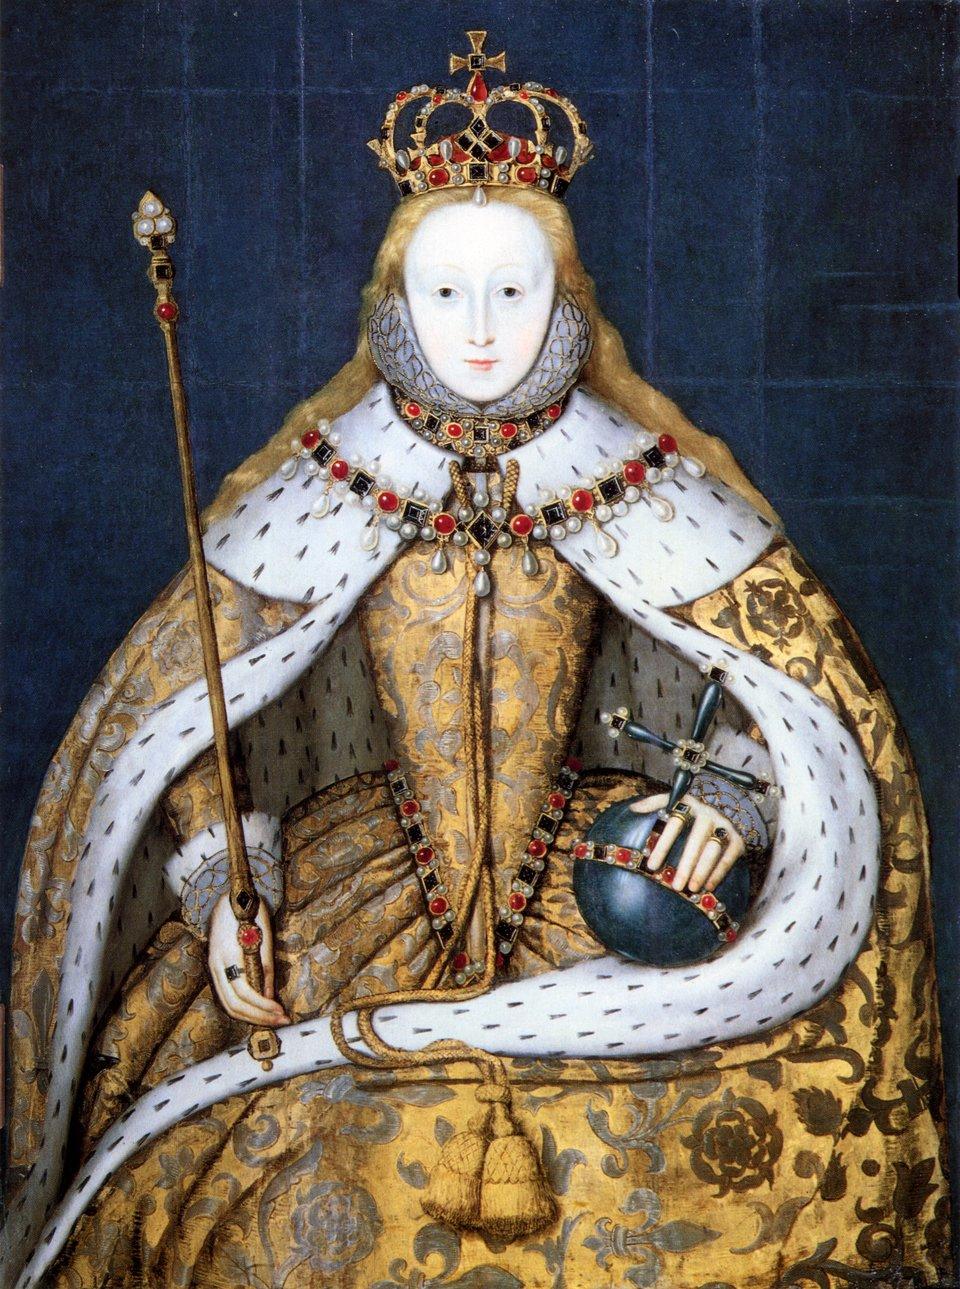 Elżbieta ITudor wstroju koronacyjnym Elżbieta ITudor wstrojukoronacyjnym. Siedemnastowieczna kopia obrazu zok. 1559 r. Źródło: Elżbieta ITudor wstroju koronacyjnym, olej na drewnie, National Portrait Gallery, domena publiczna.